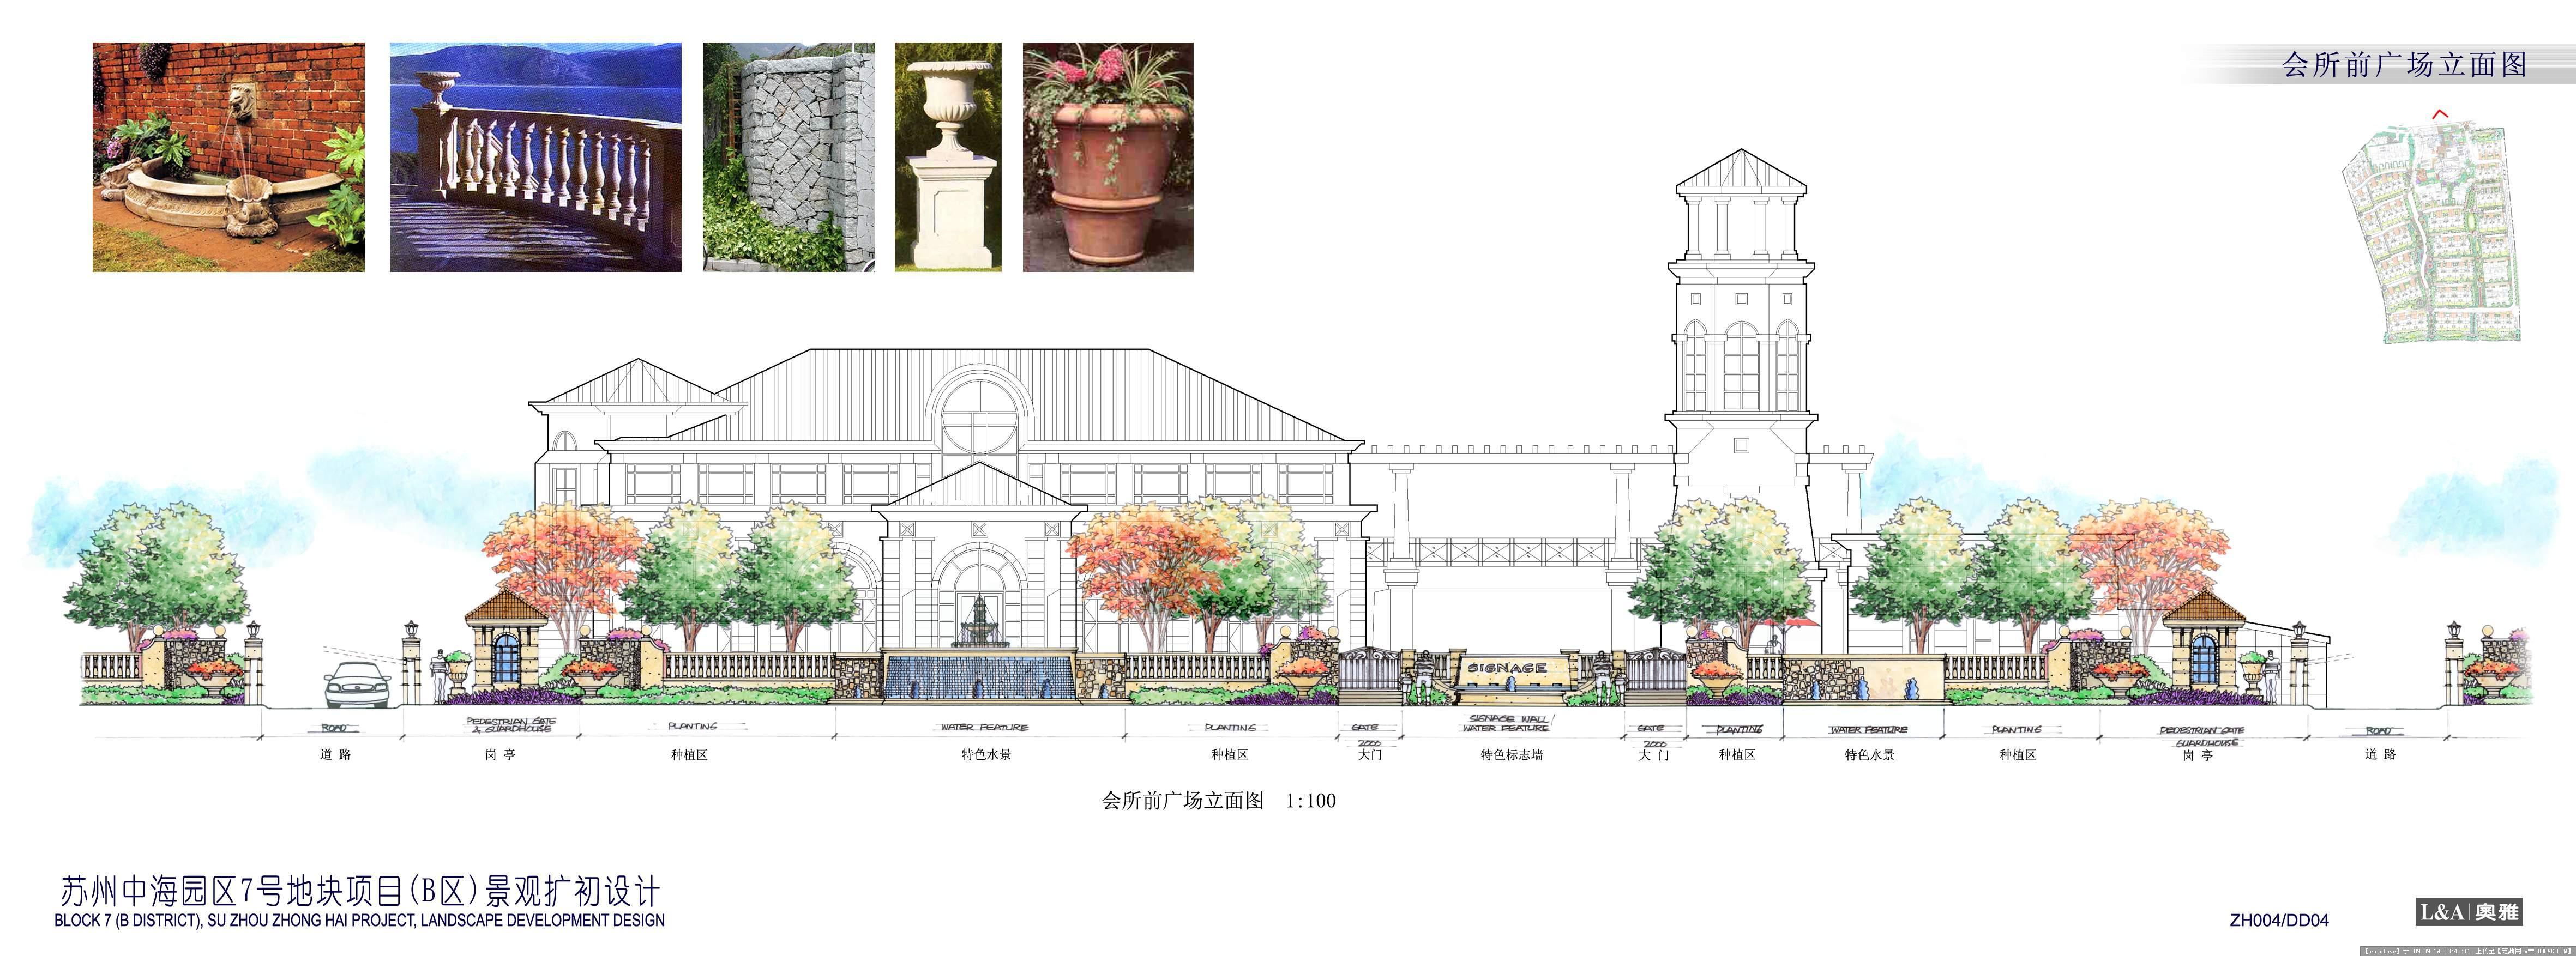 苏州某小区景观扩初手绘文本-dd04前广场立面